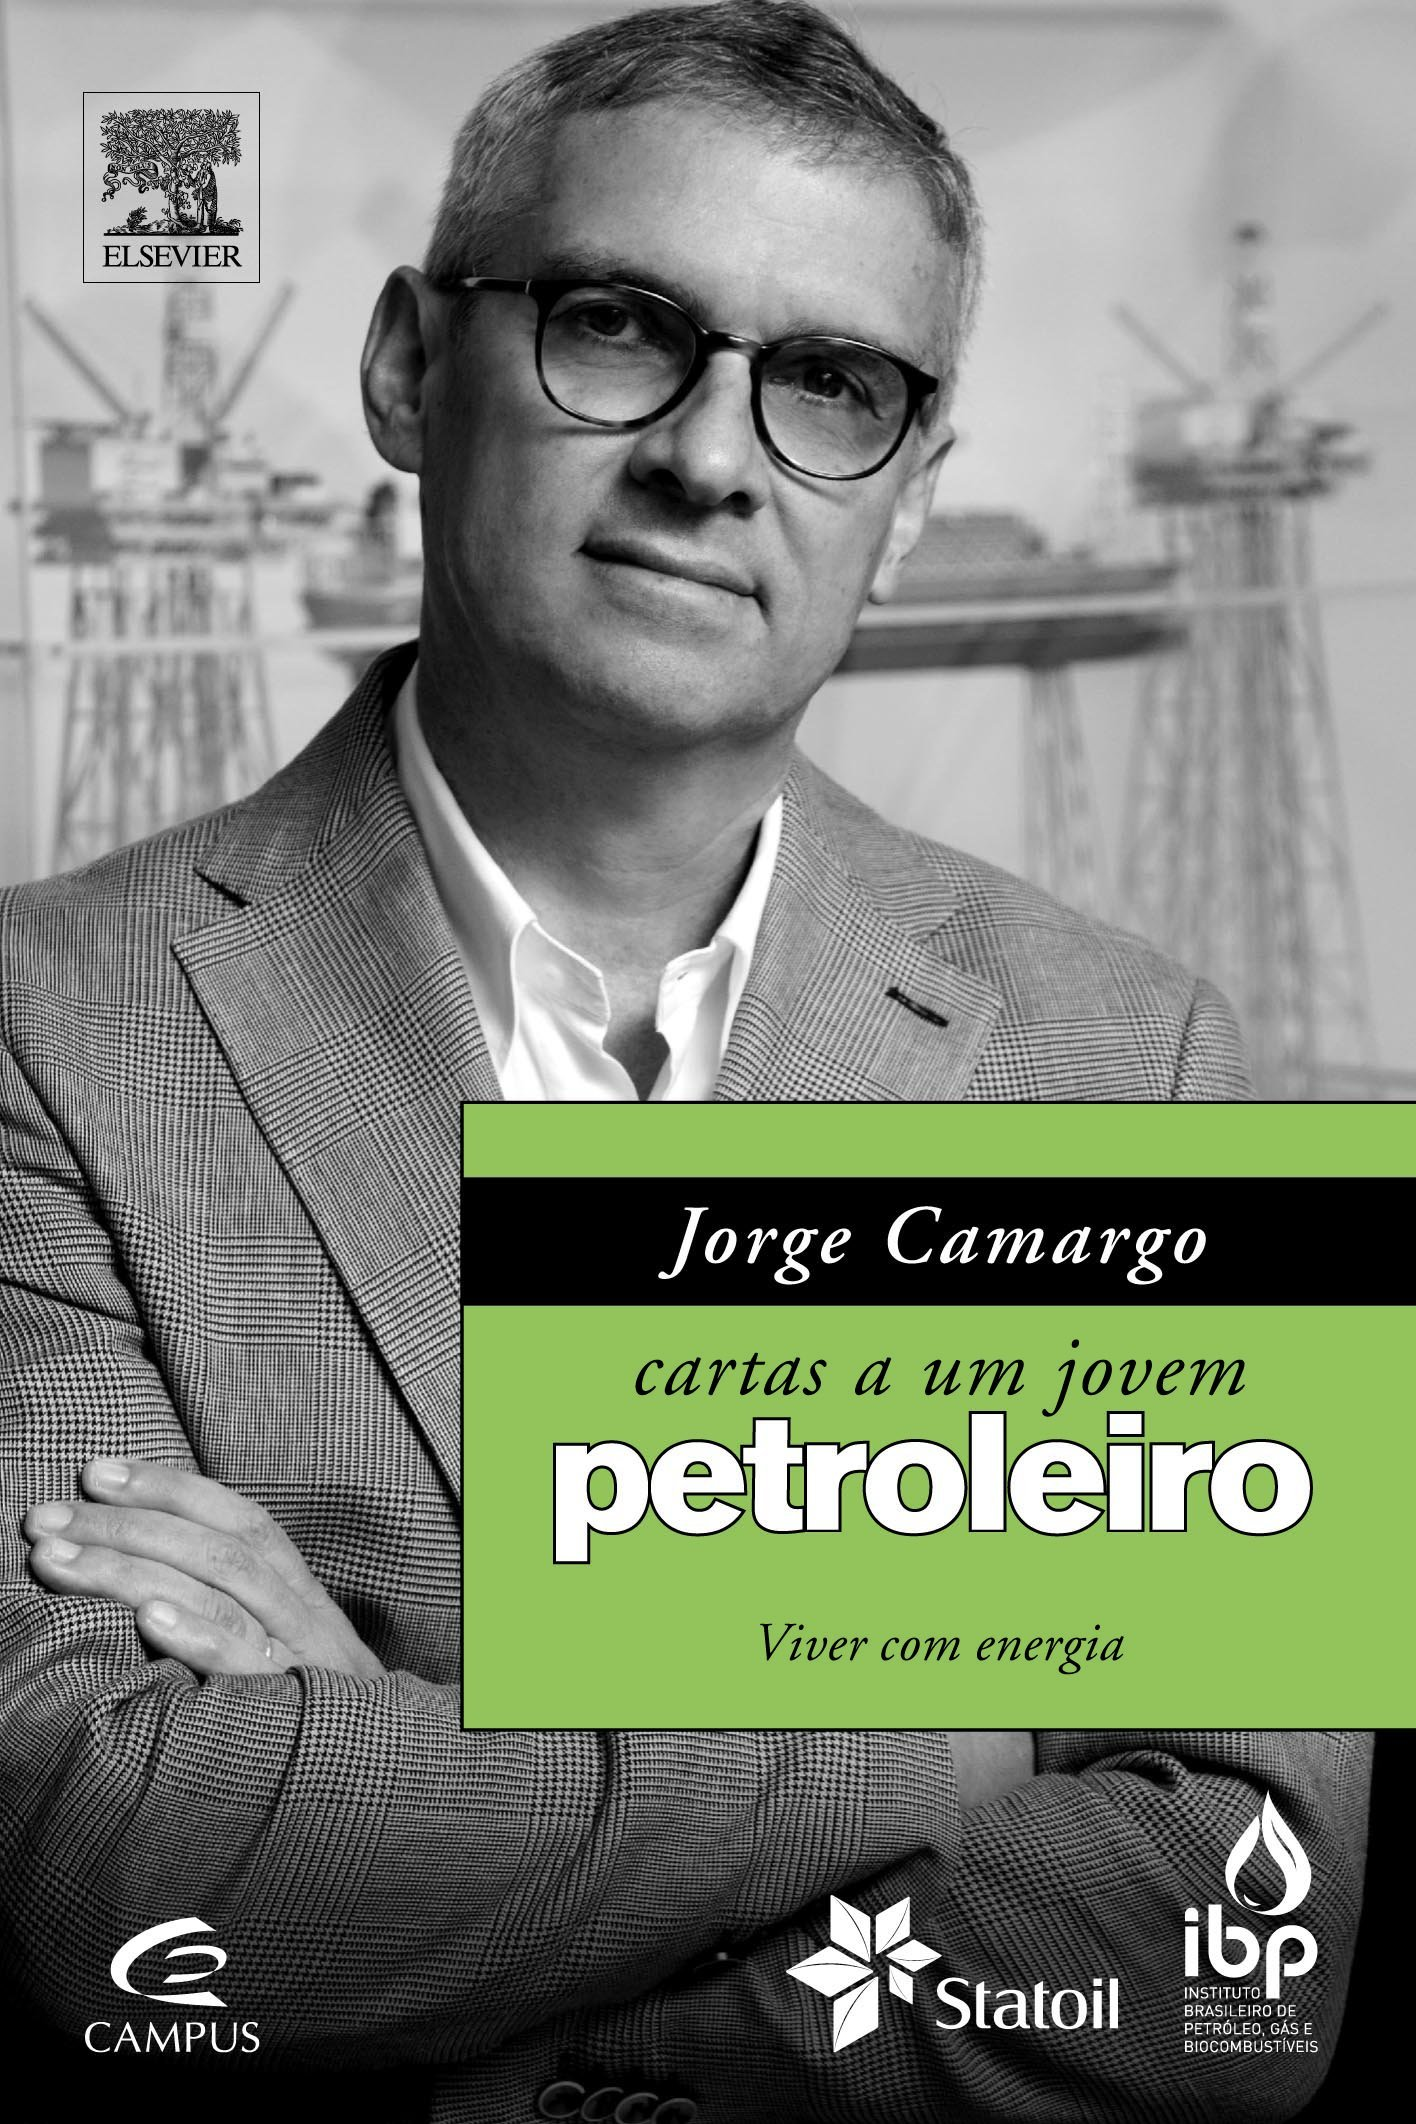 Cartas a um Jovem Petroleiro Jorge Camargo